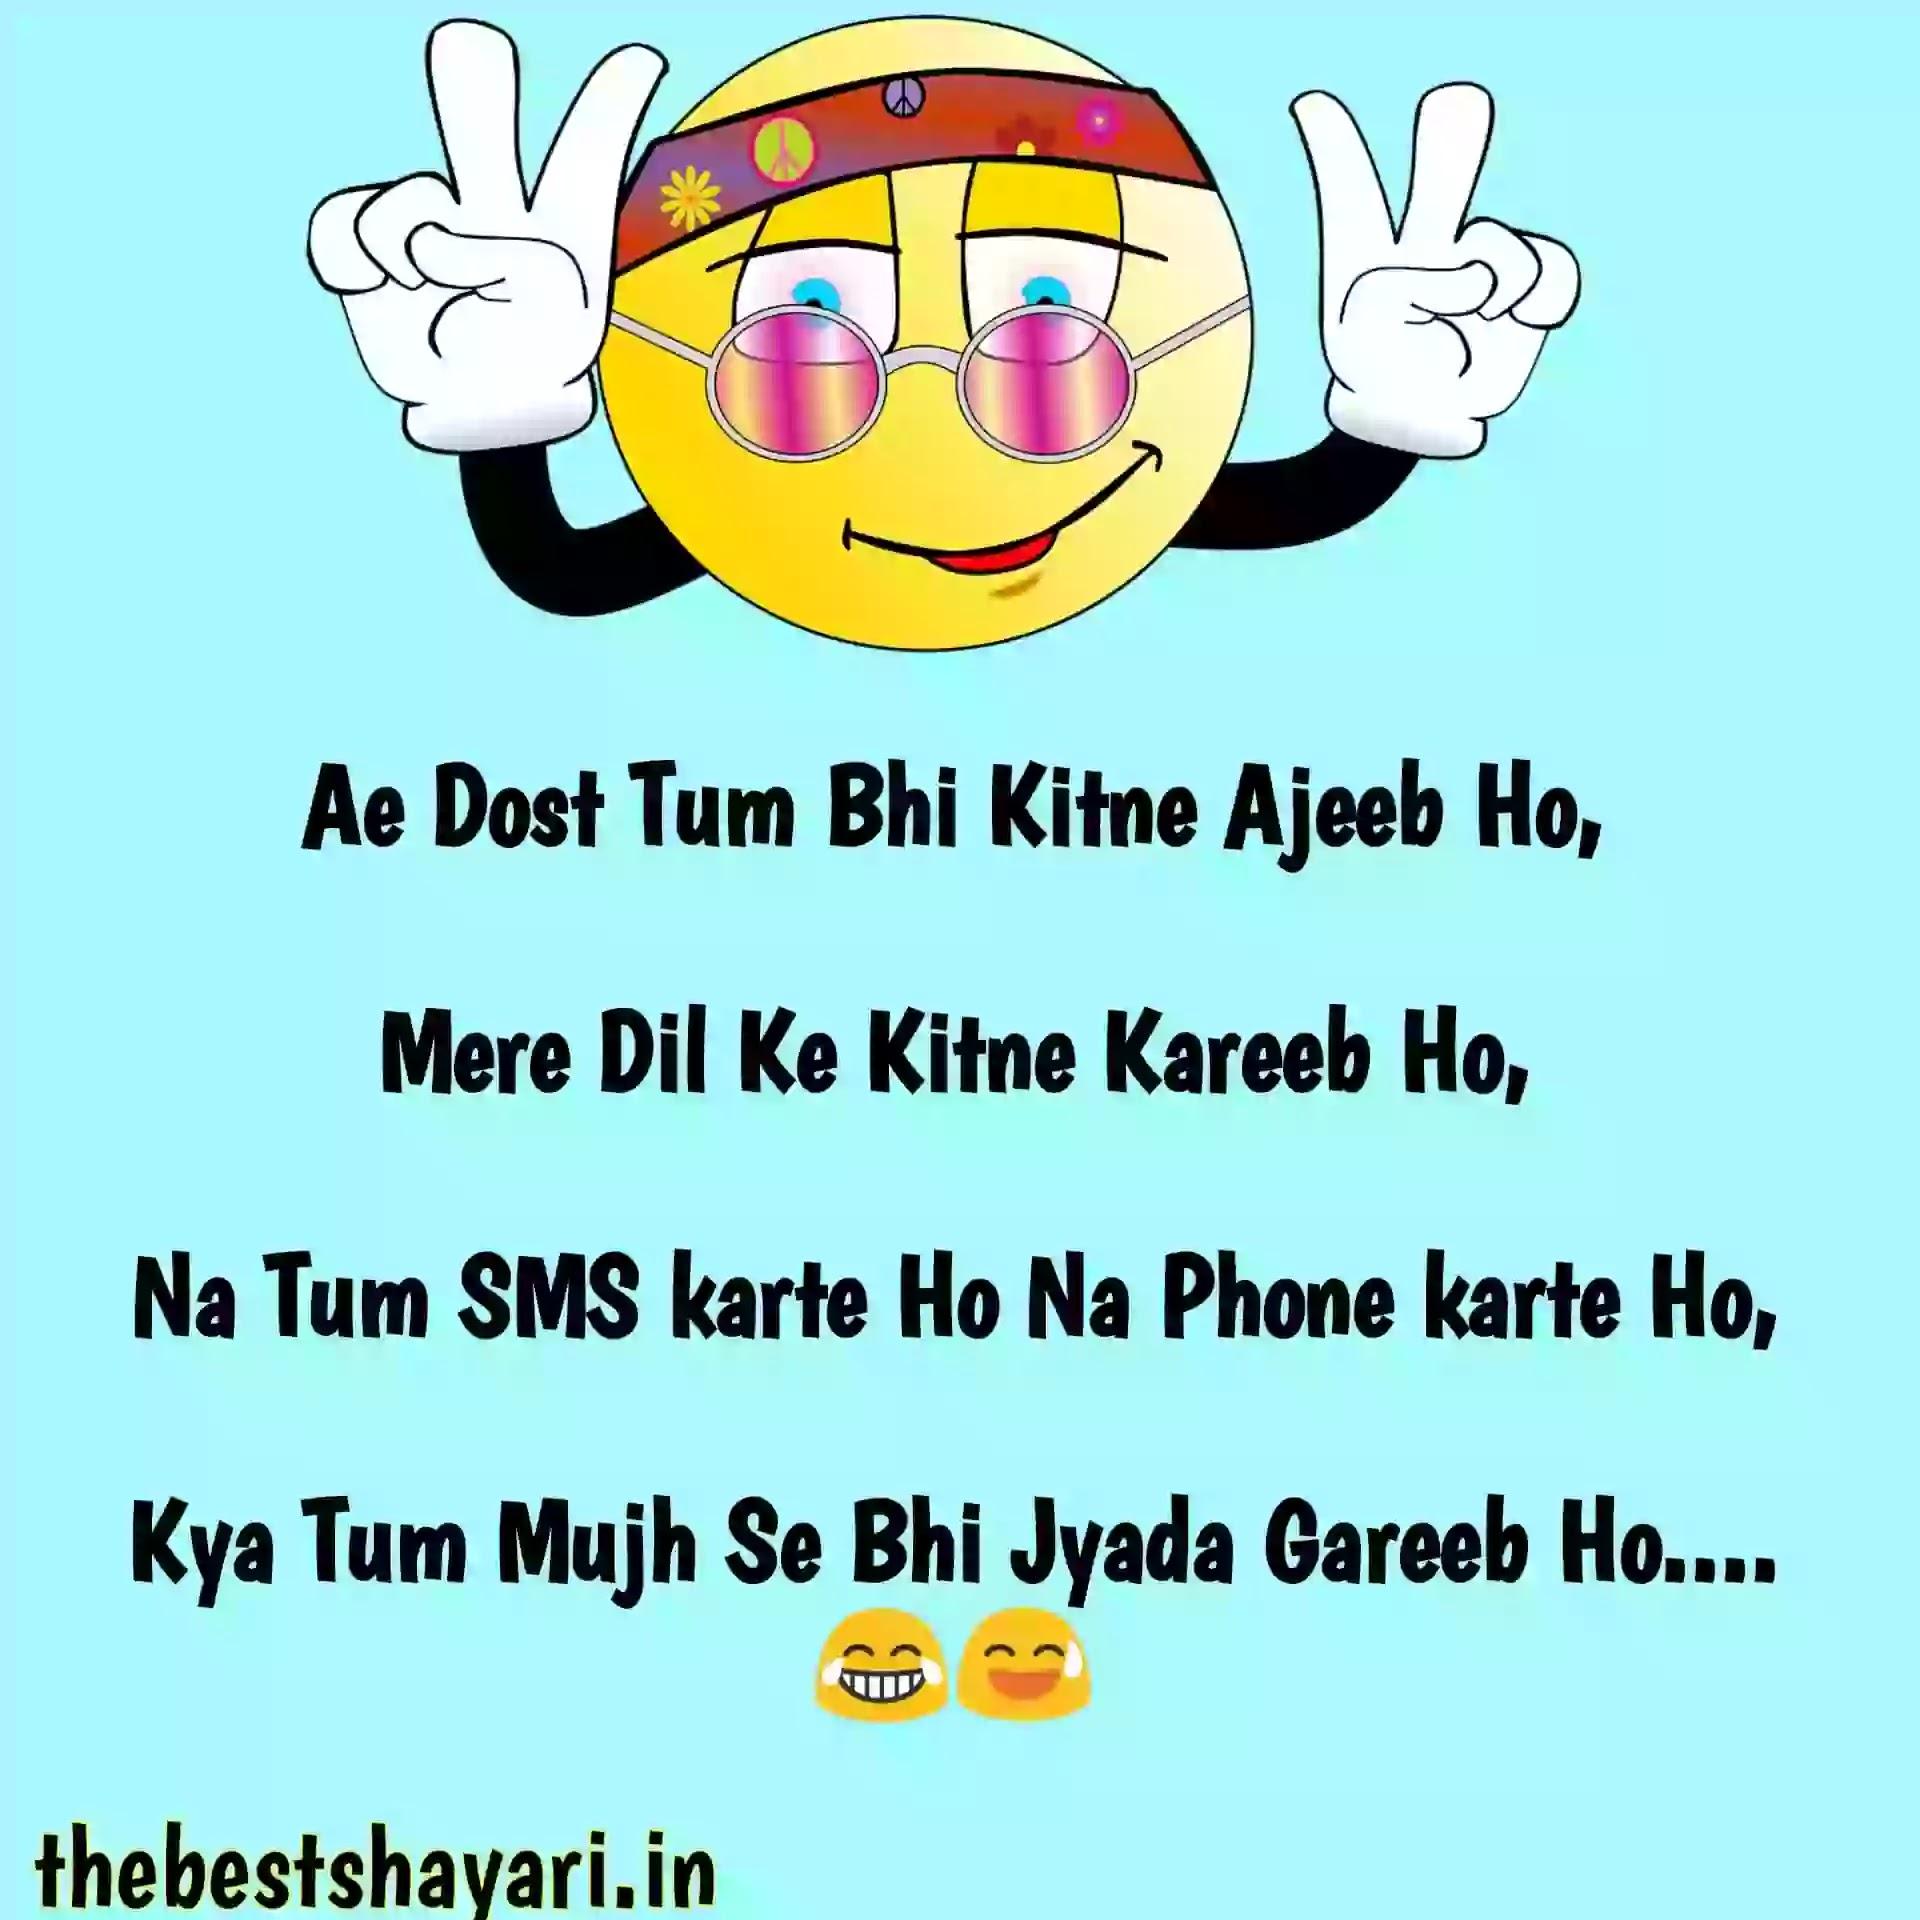 Funny shayari for boys